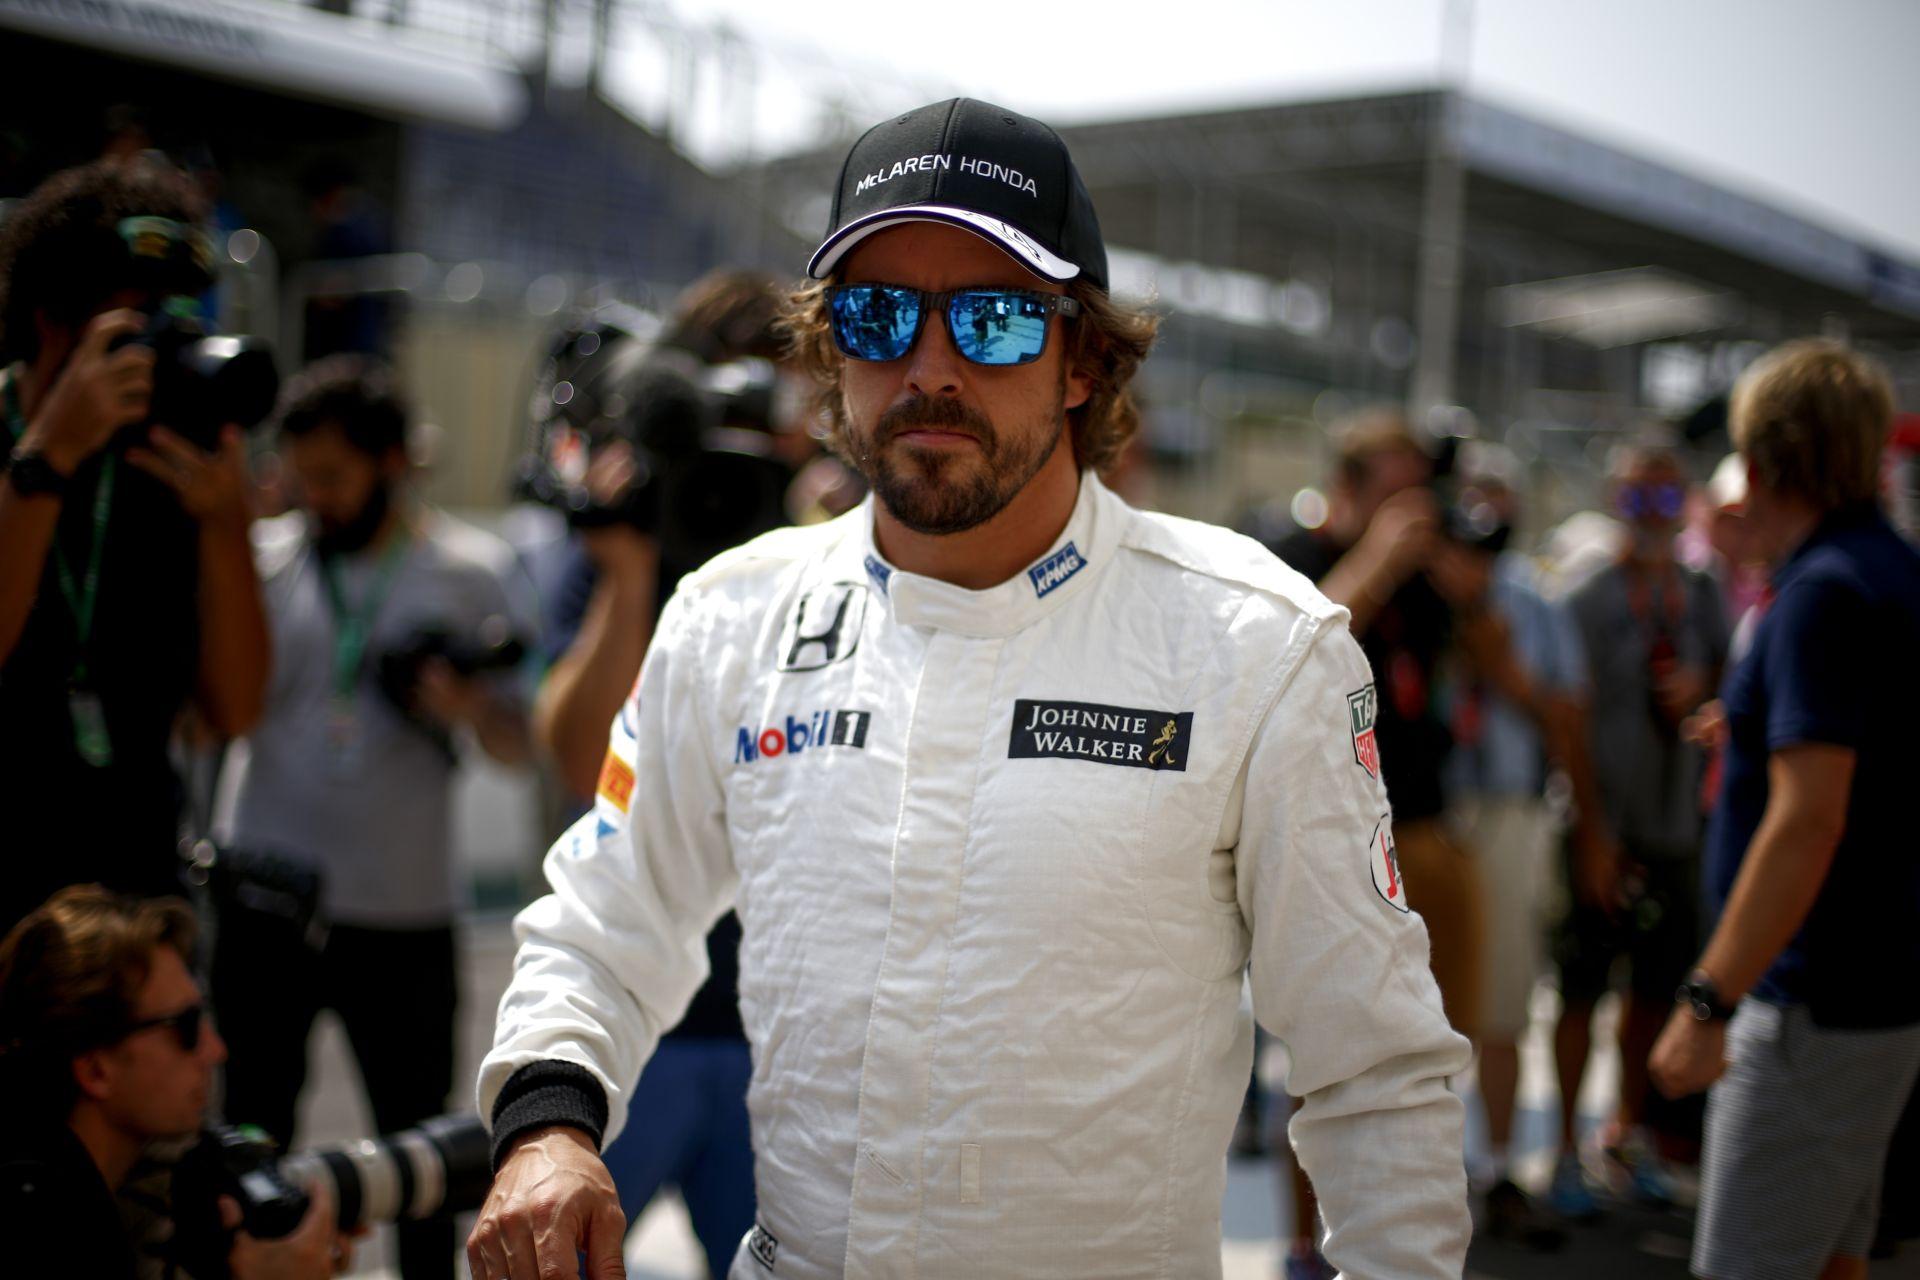 Mindkét McLaren célba ért: grid boyok, hit és remény maradt a csapatnak 2016 előtt